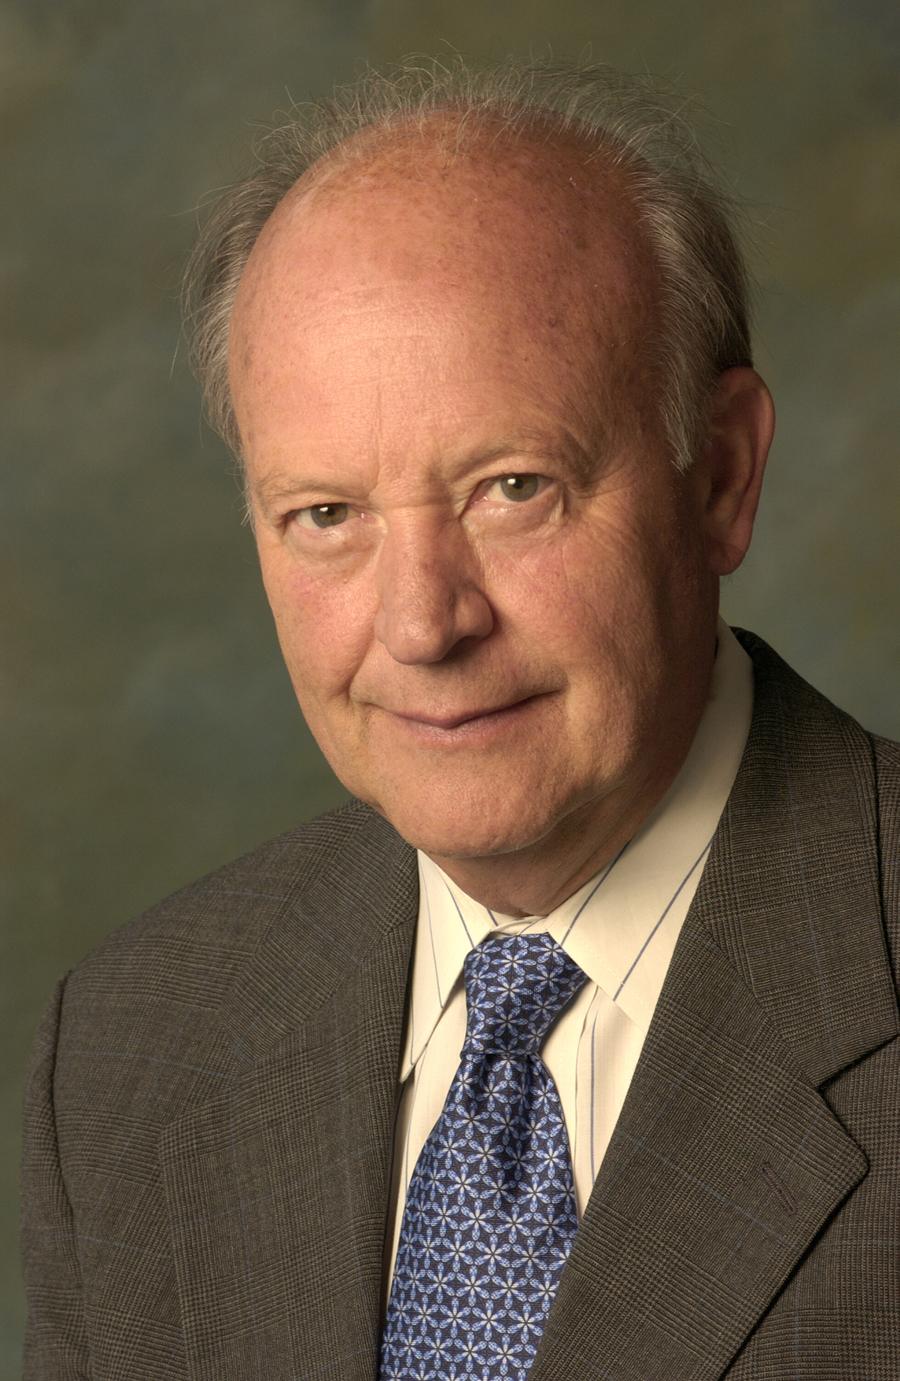 John Williamson e o Consenso de Washington